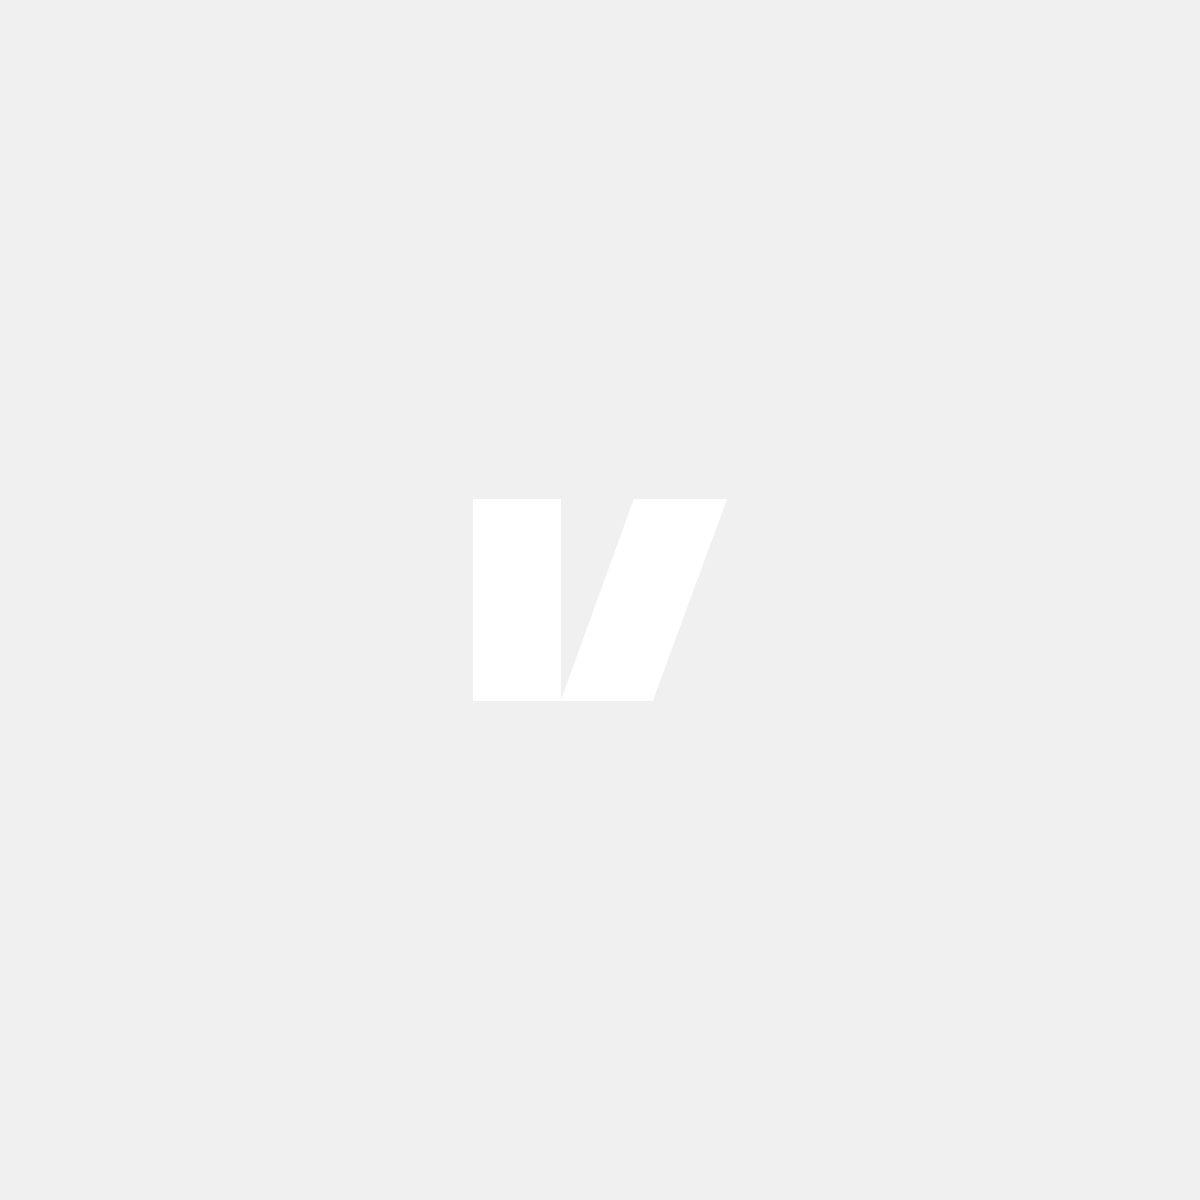 Vindavvisare med kromlist till Volvo XC90, 4 dörrar, utanpåliggande